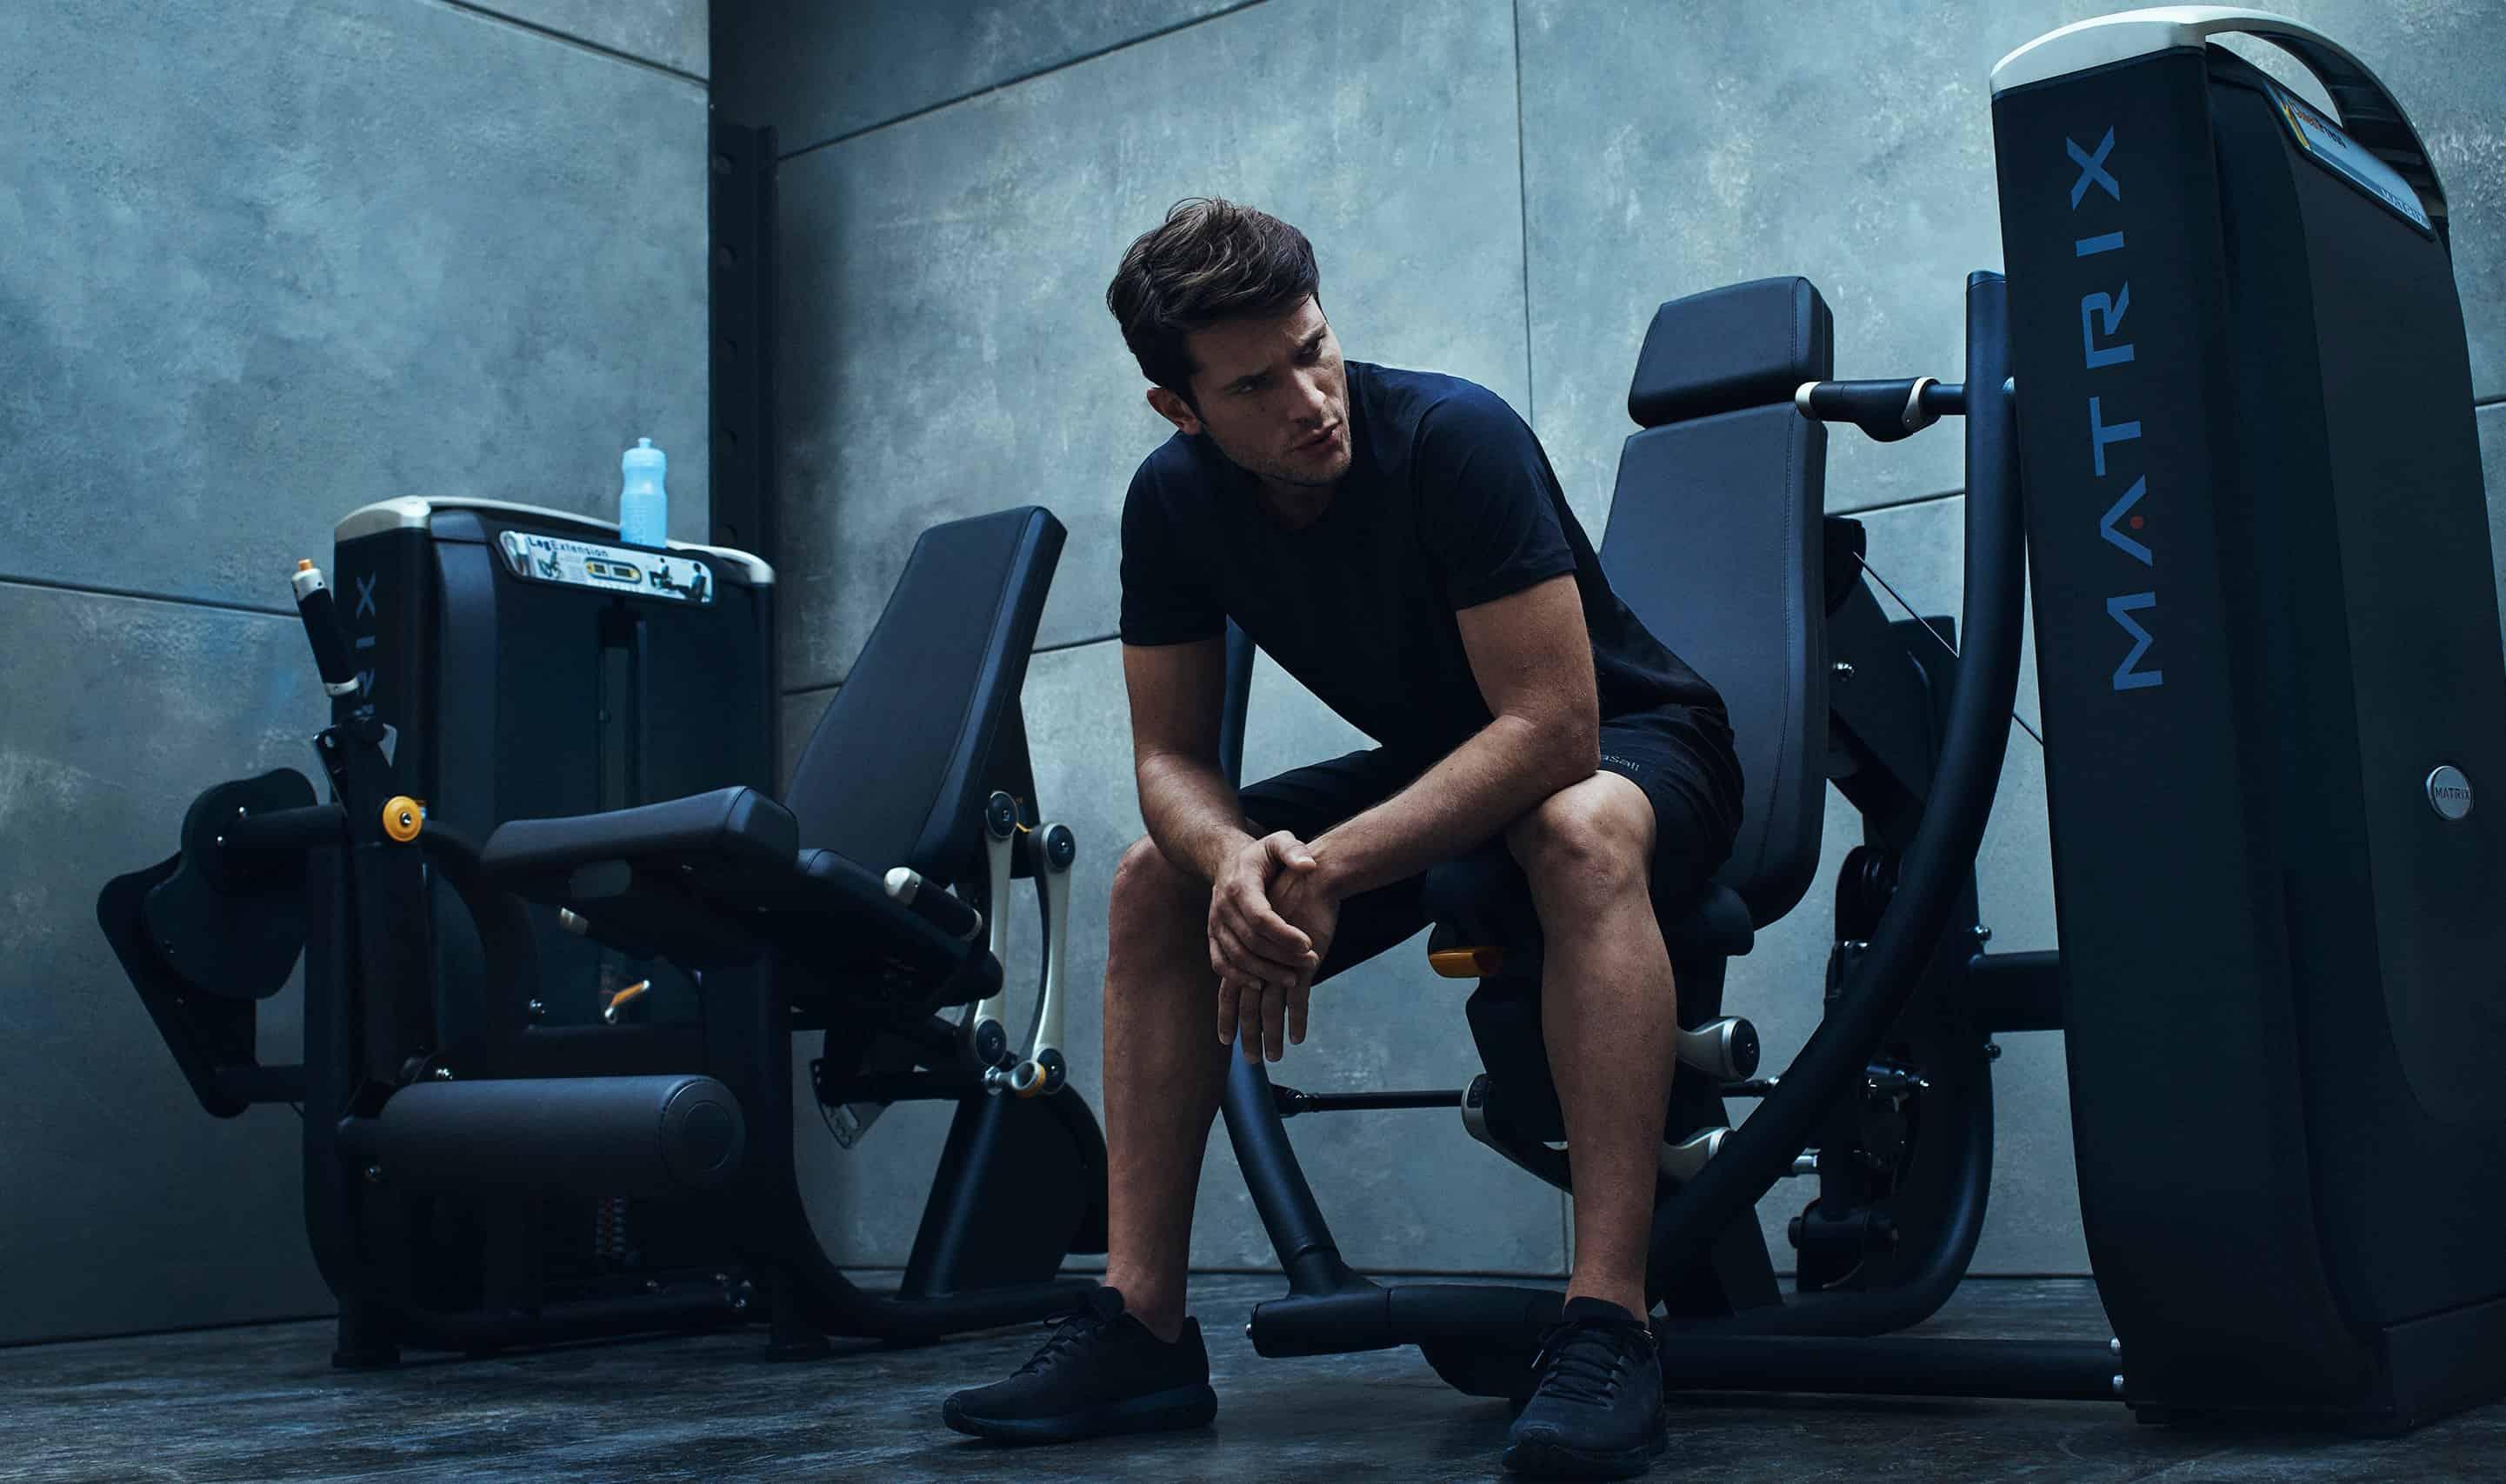 casall pro treningsutstyr gymustyr treningsapparater treningsmaskiner casall pro casall professional matrix fitness